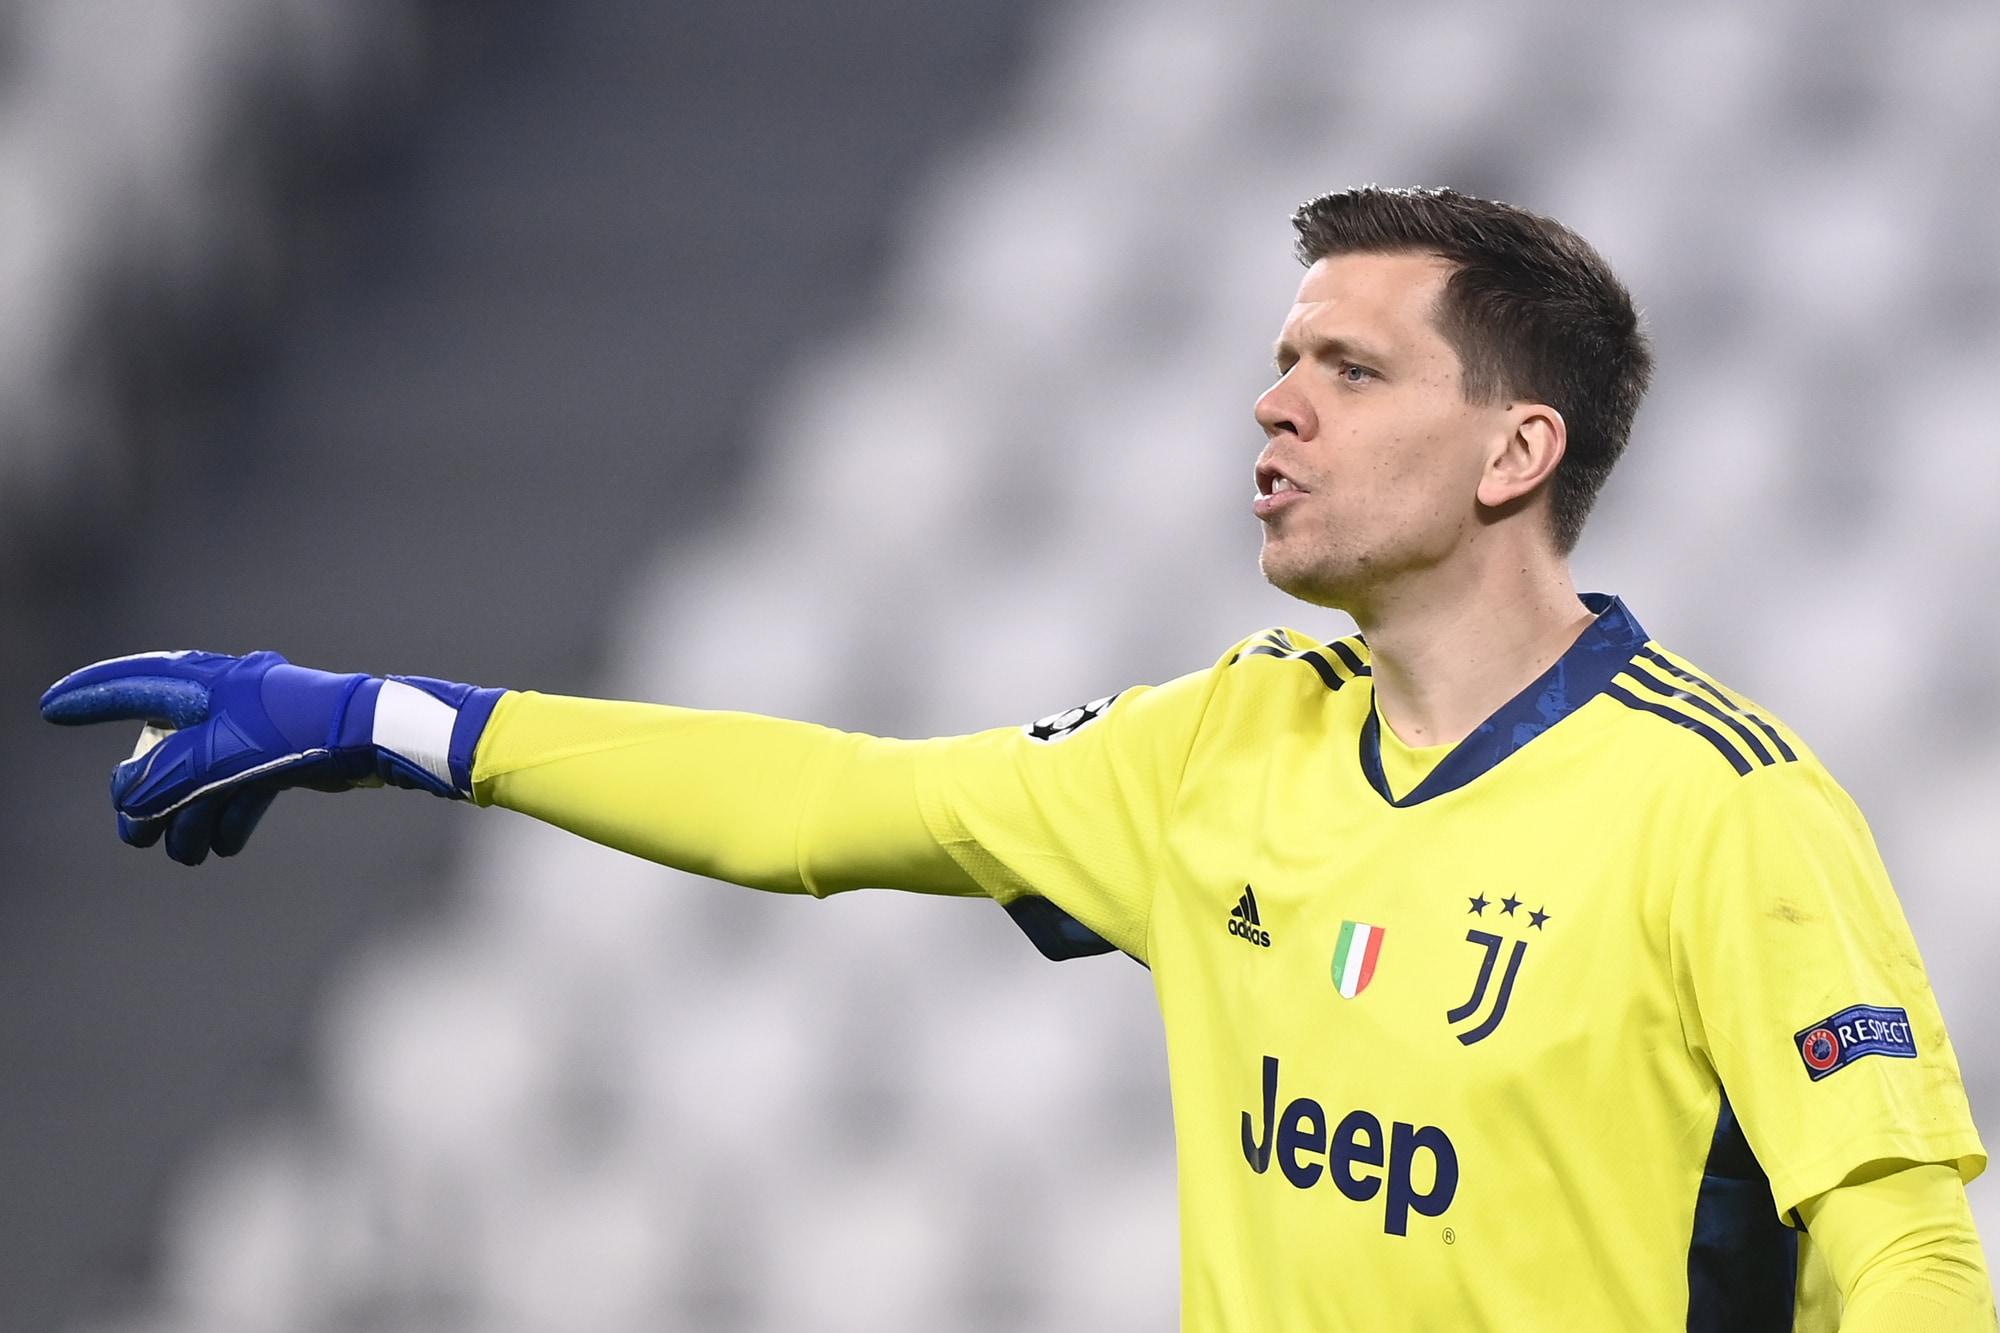 Calciomercato Juve, nodo portieri: chi sarà il vice Szczesny?